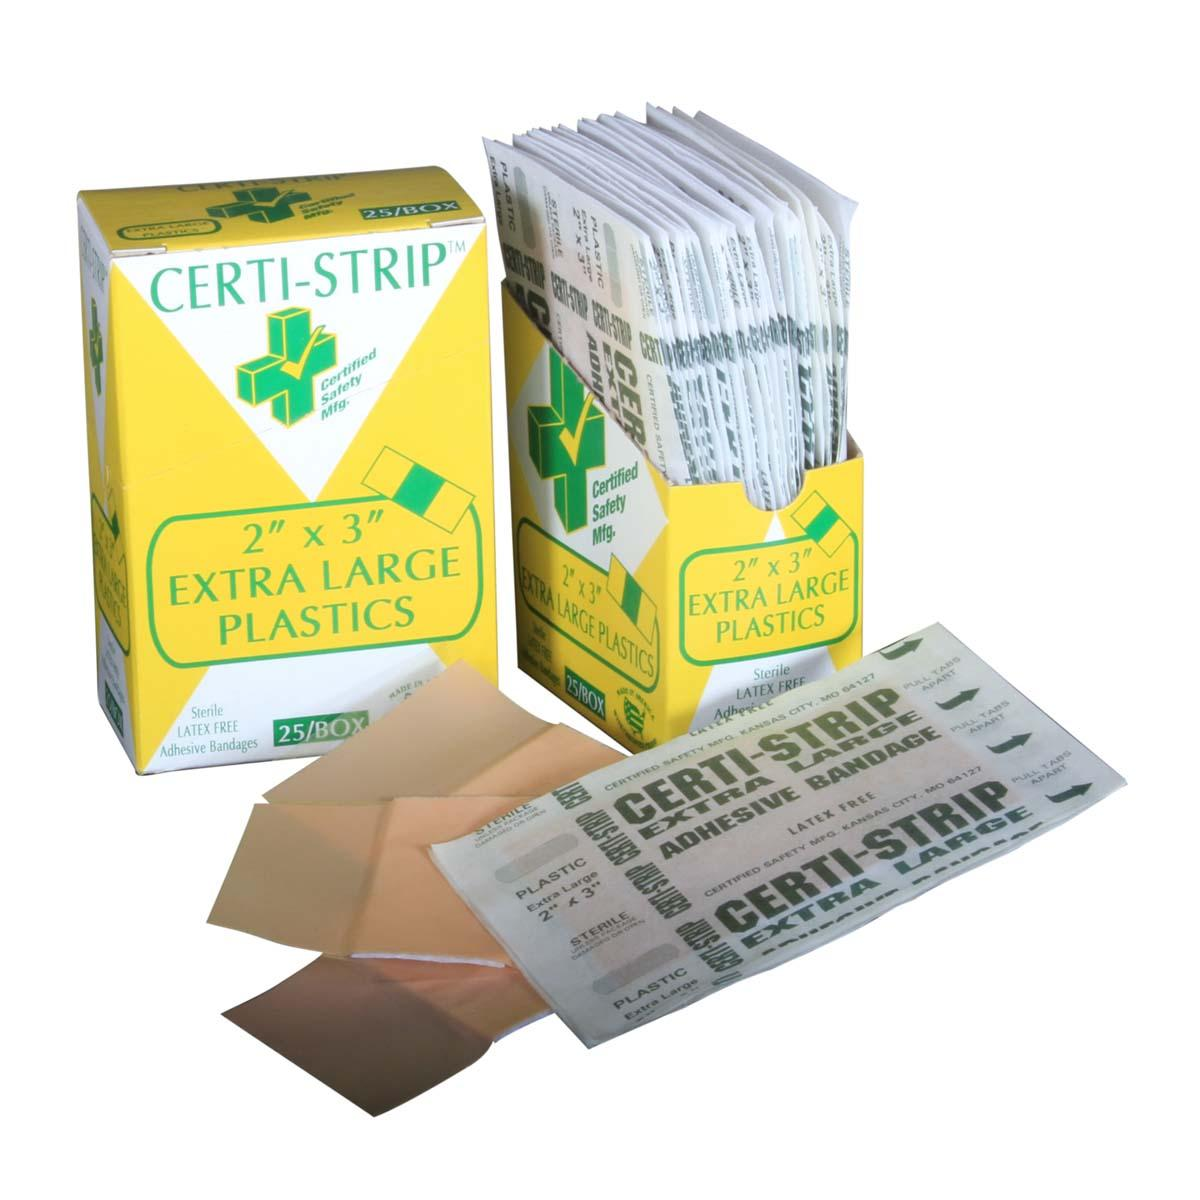 Adhesive Bandages - Plastic